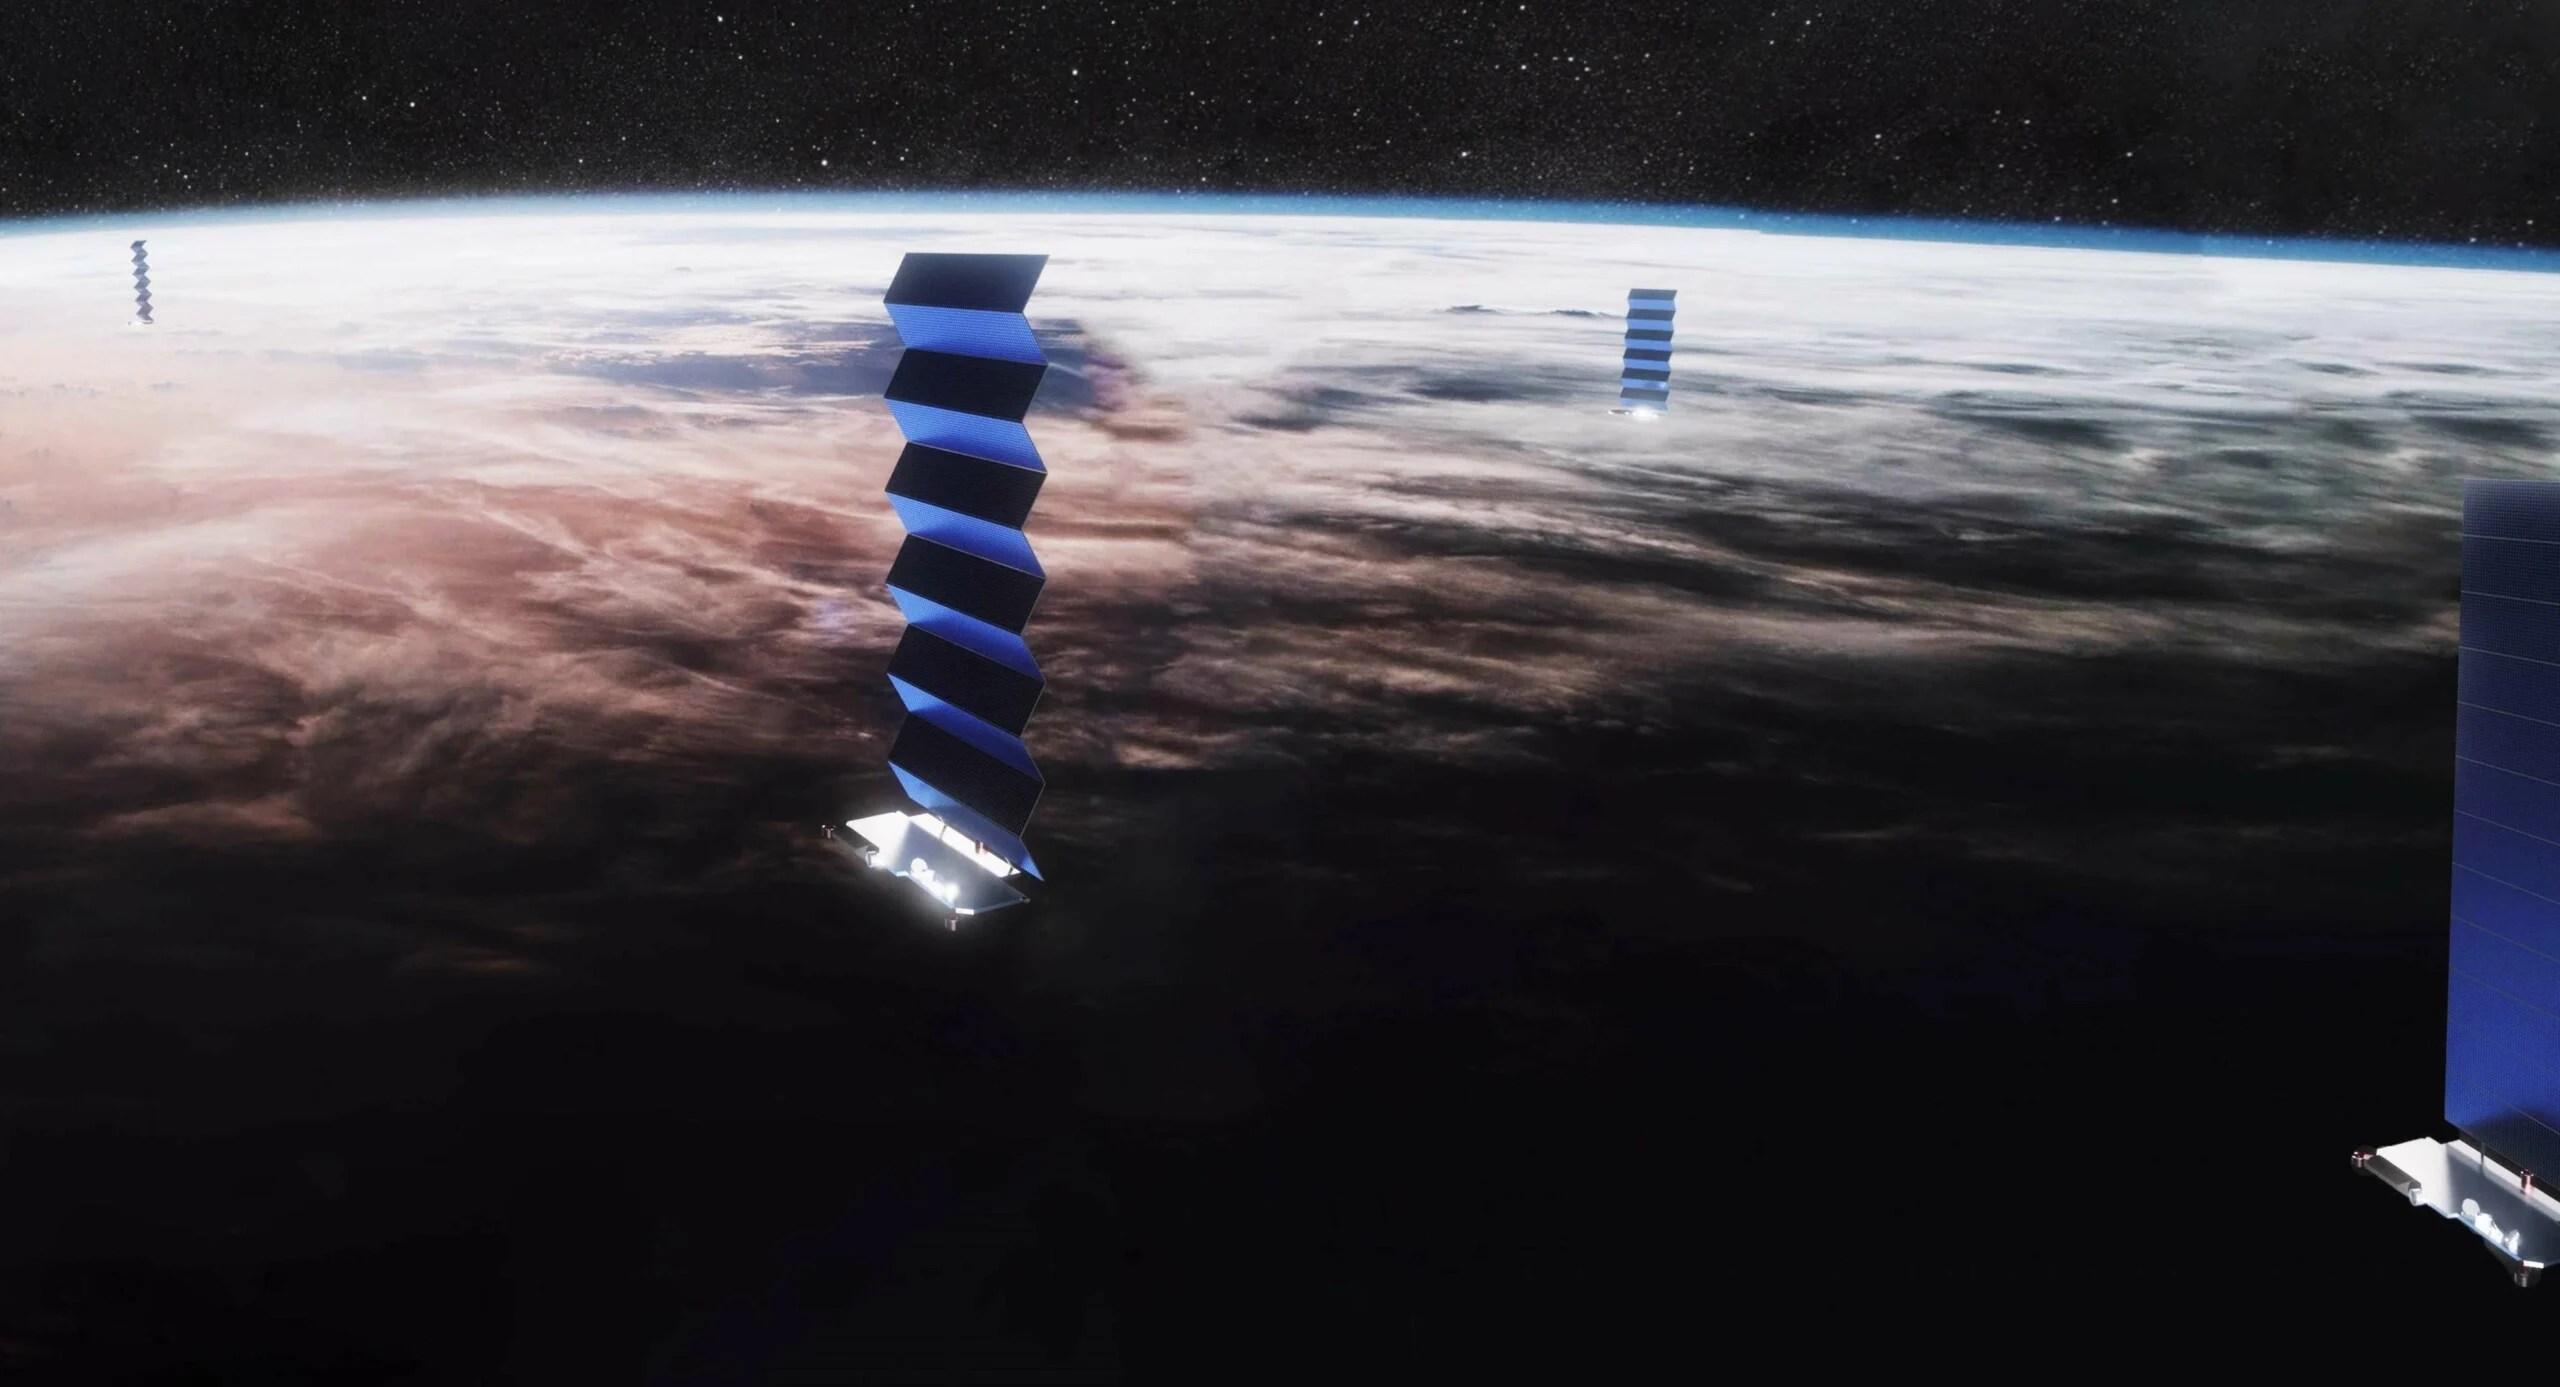 Pour une majorité d'entre vous, l'offre Internet par satellite de Starlink ne vous fait pas rêver